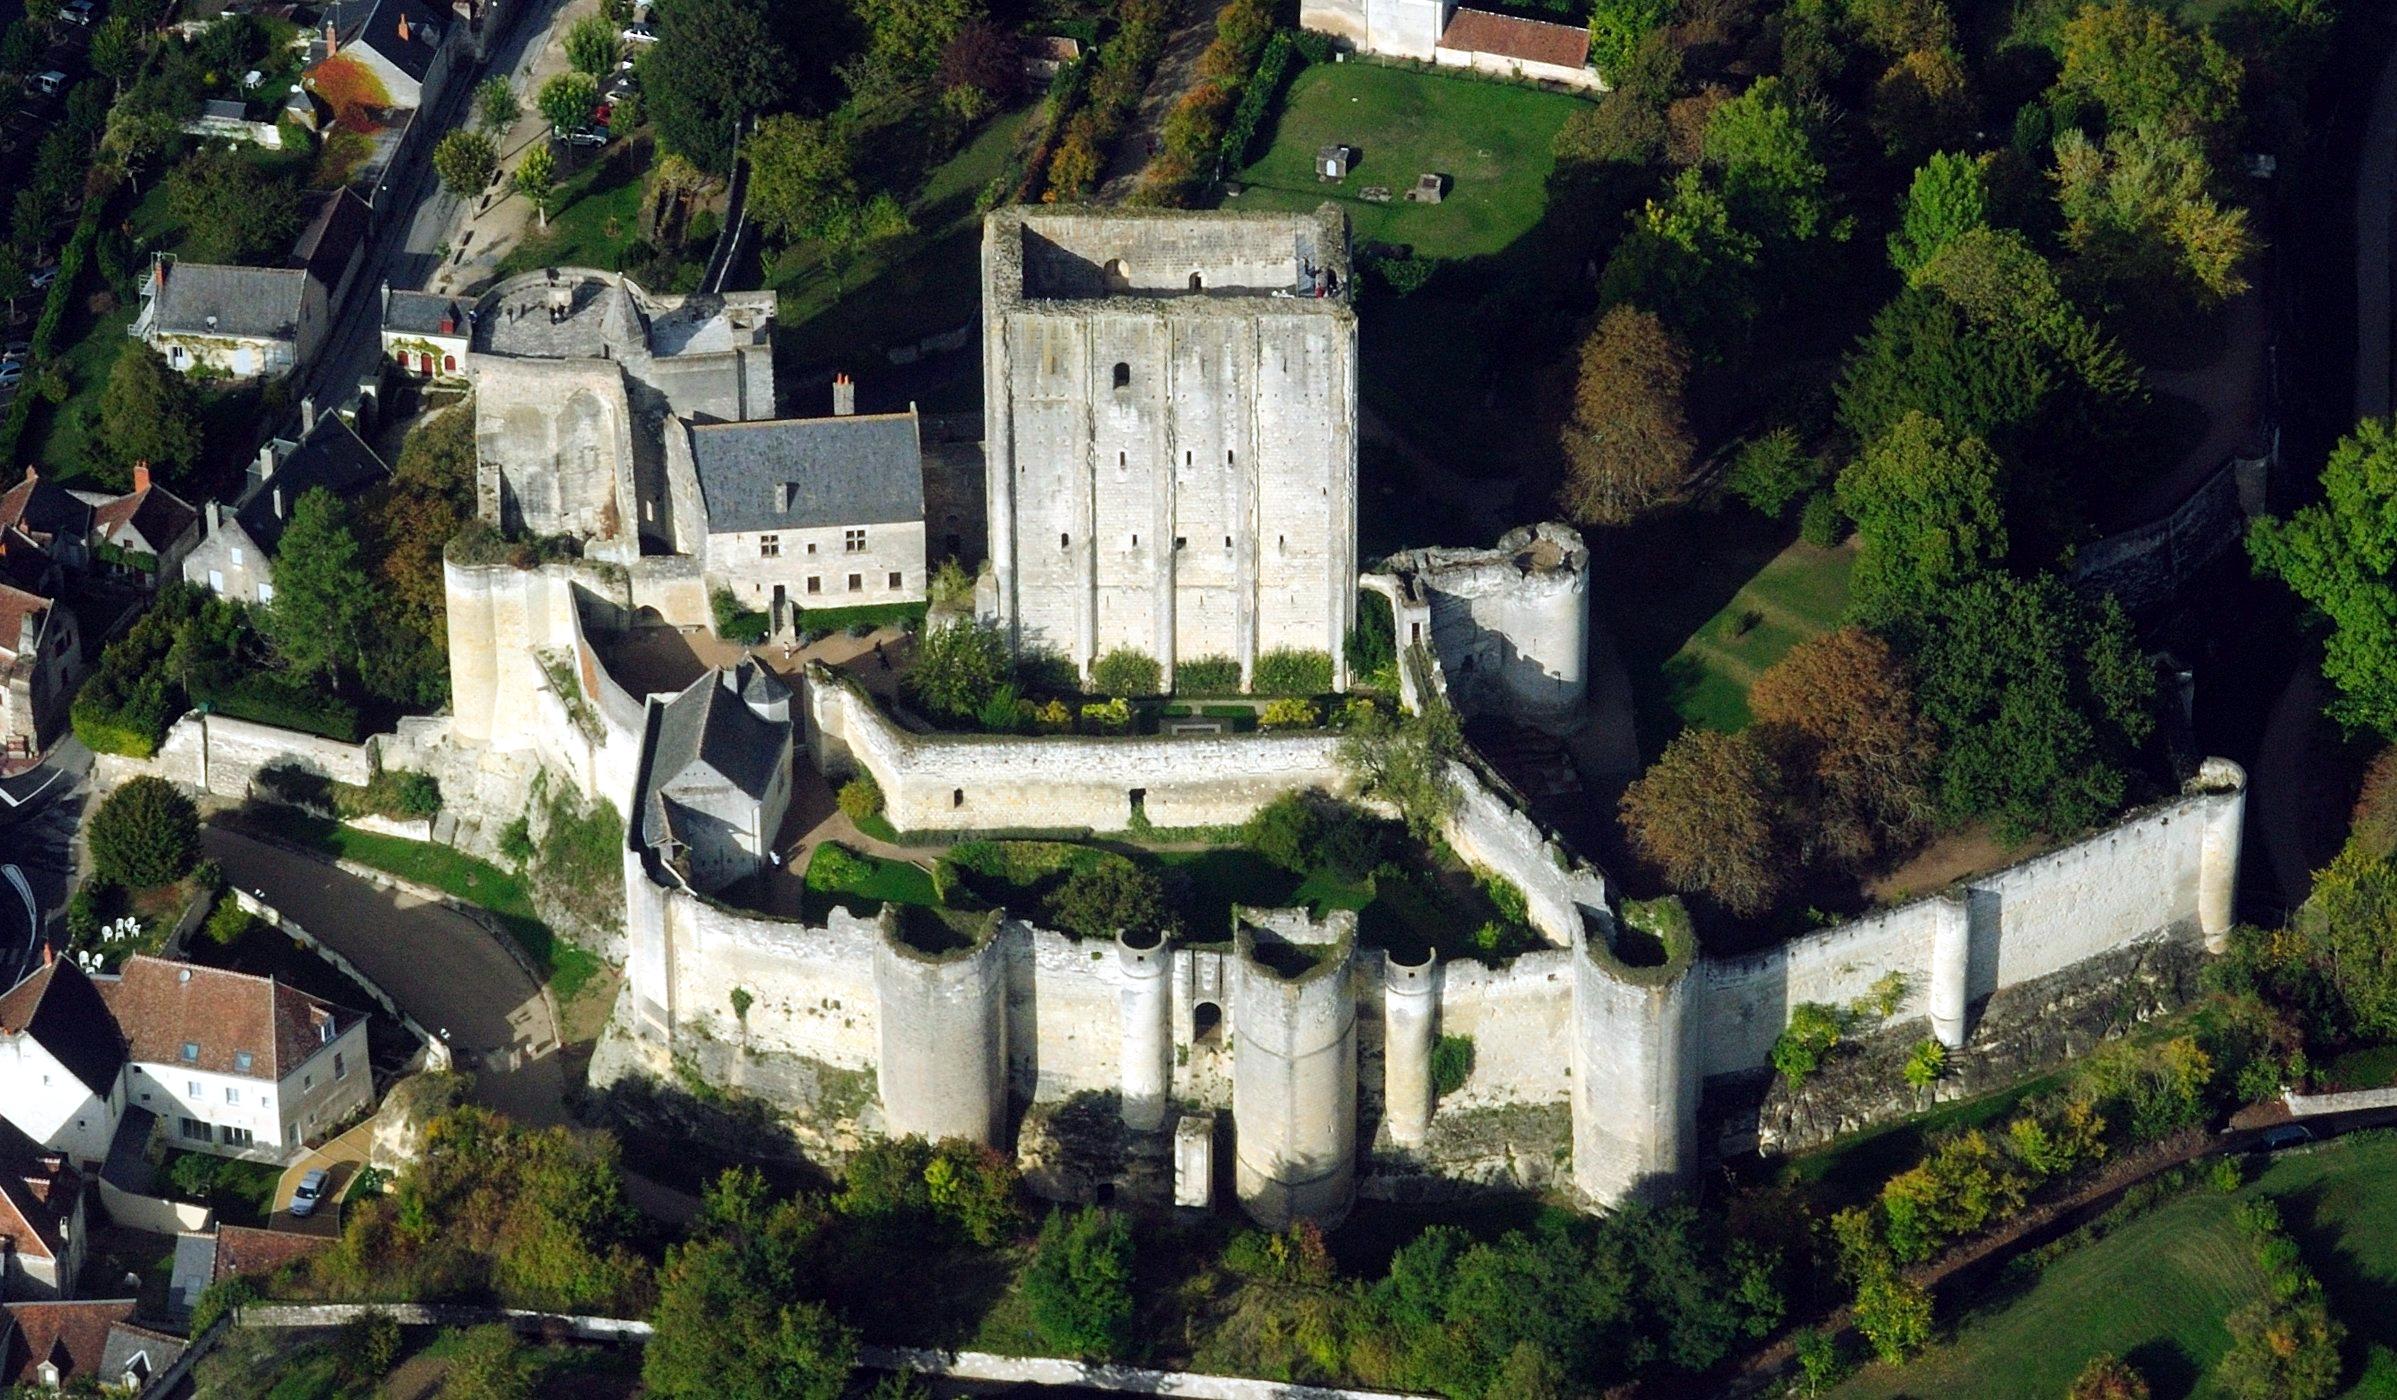 Lâu đài Loches với kiến trúc và địa hình phức tạp.